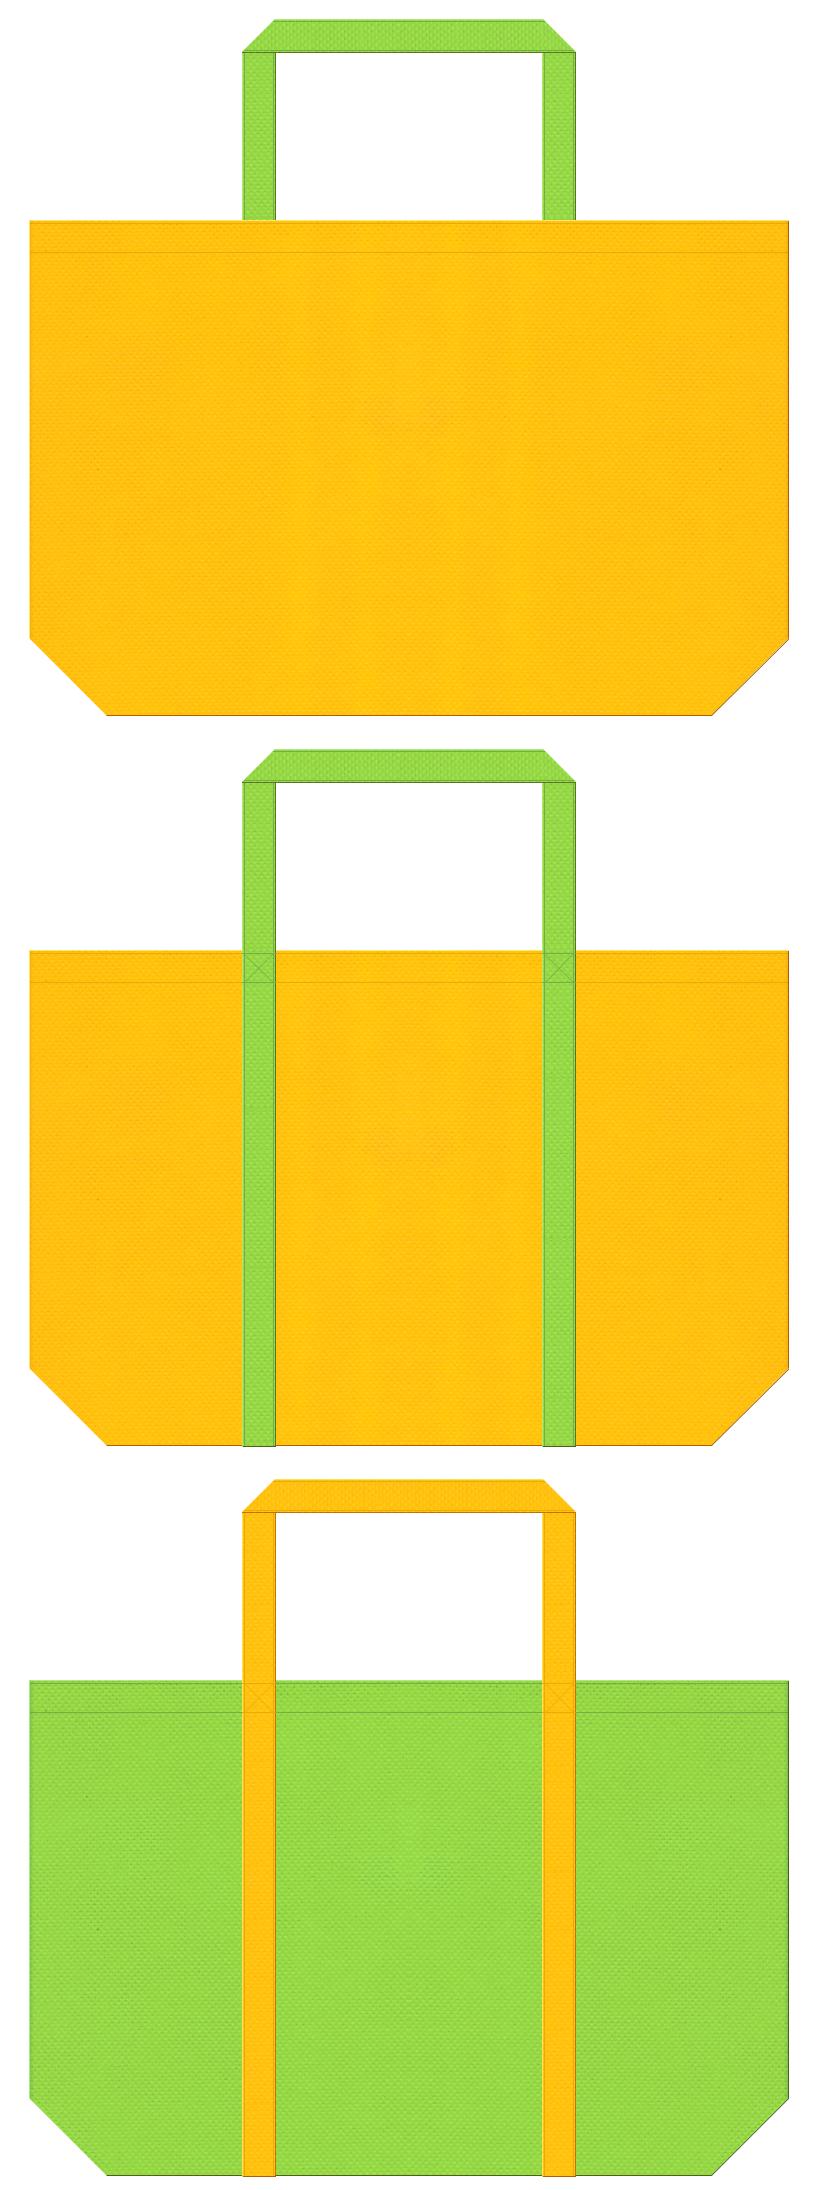 黄色と黄緑色の不織布バッグデザイン。とうもろこし風の配色です。